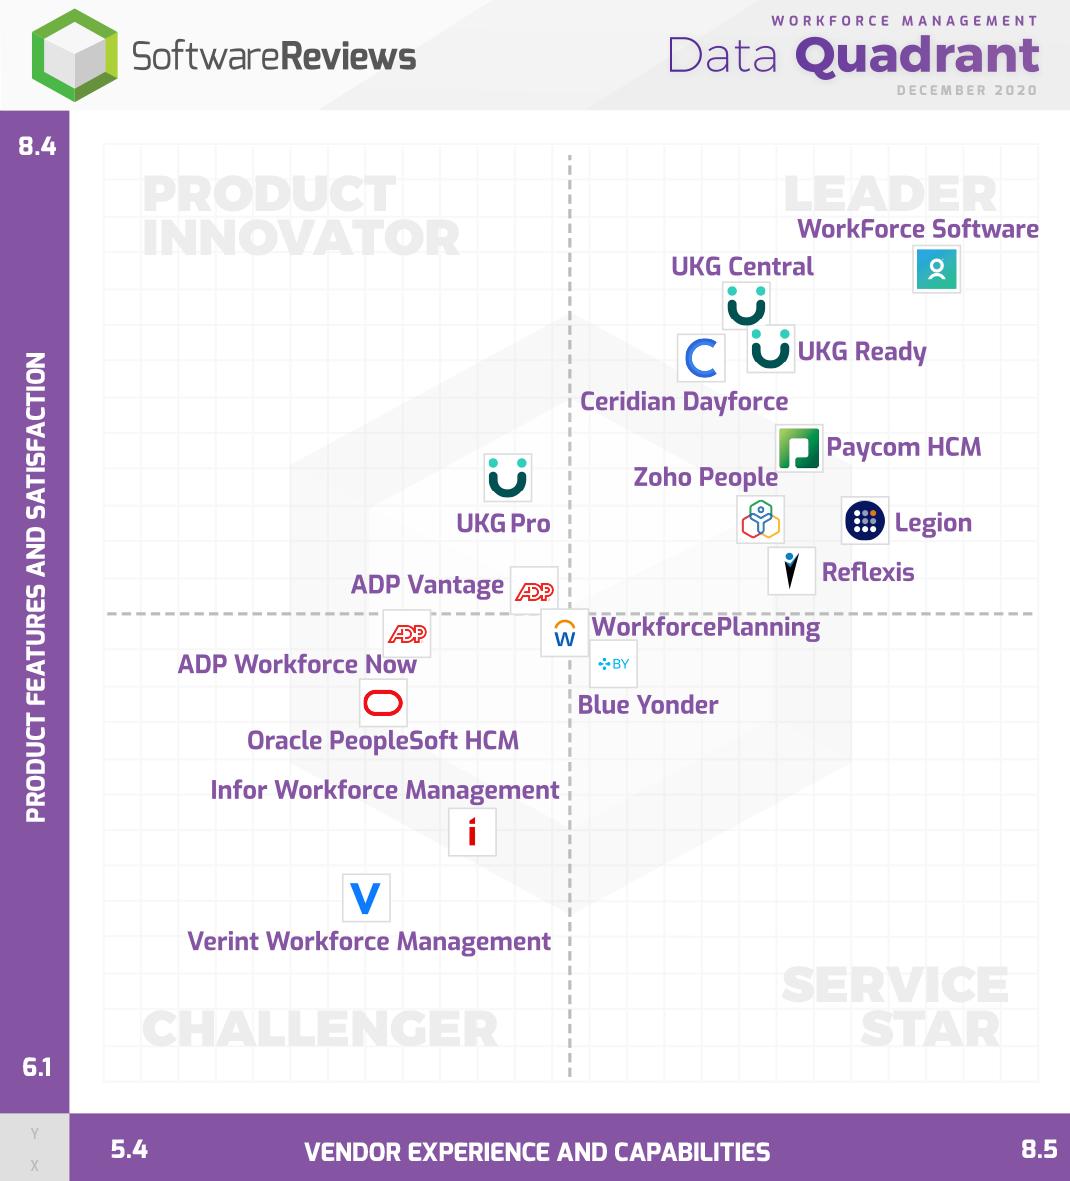 Workforce Management Data Quadrant